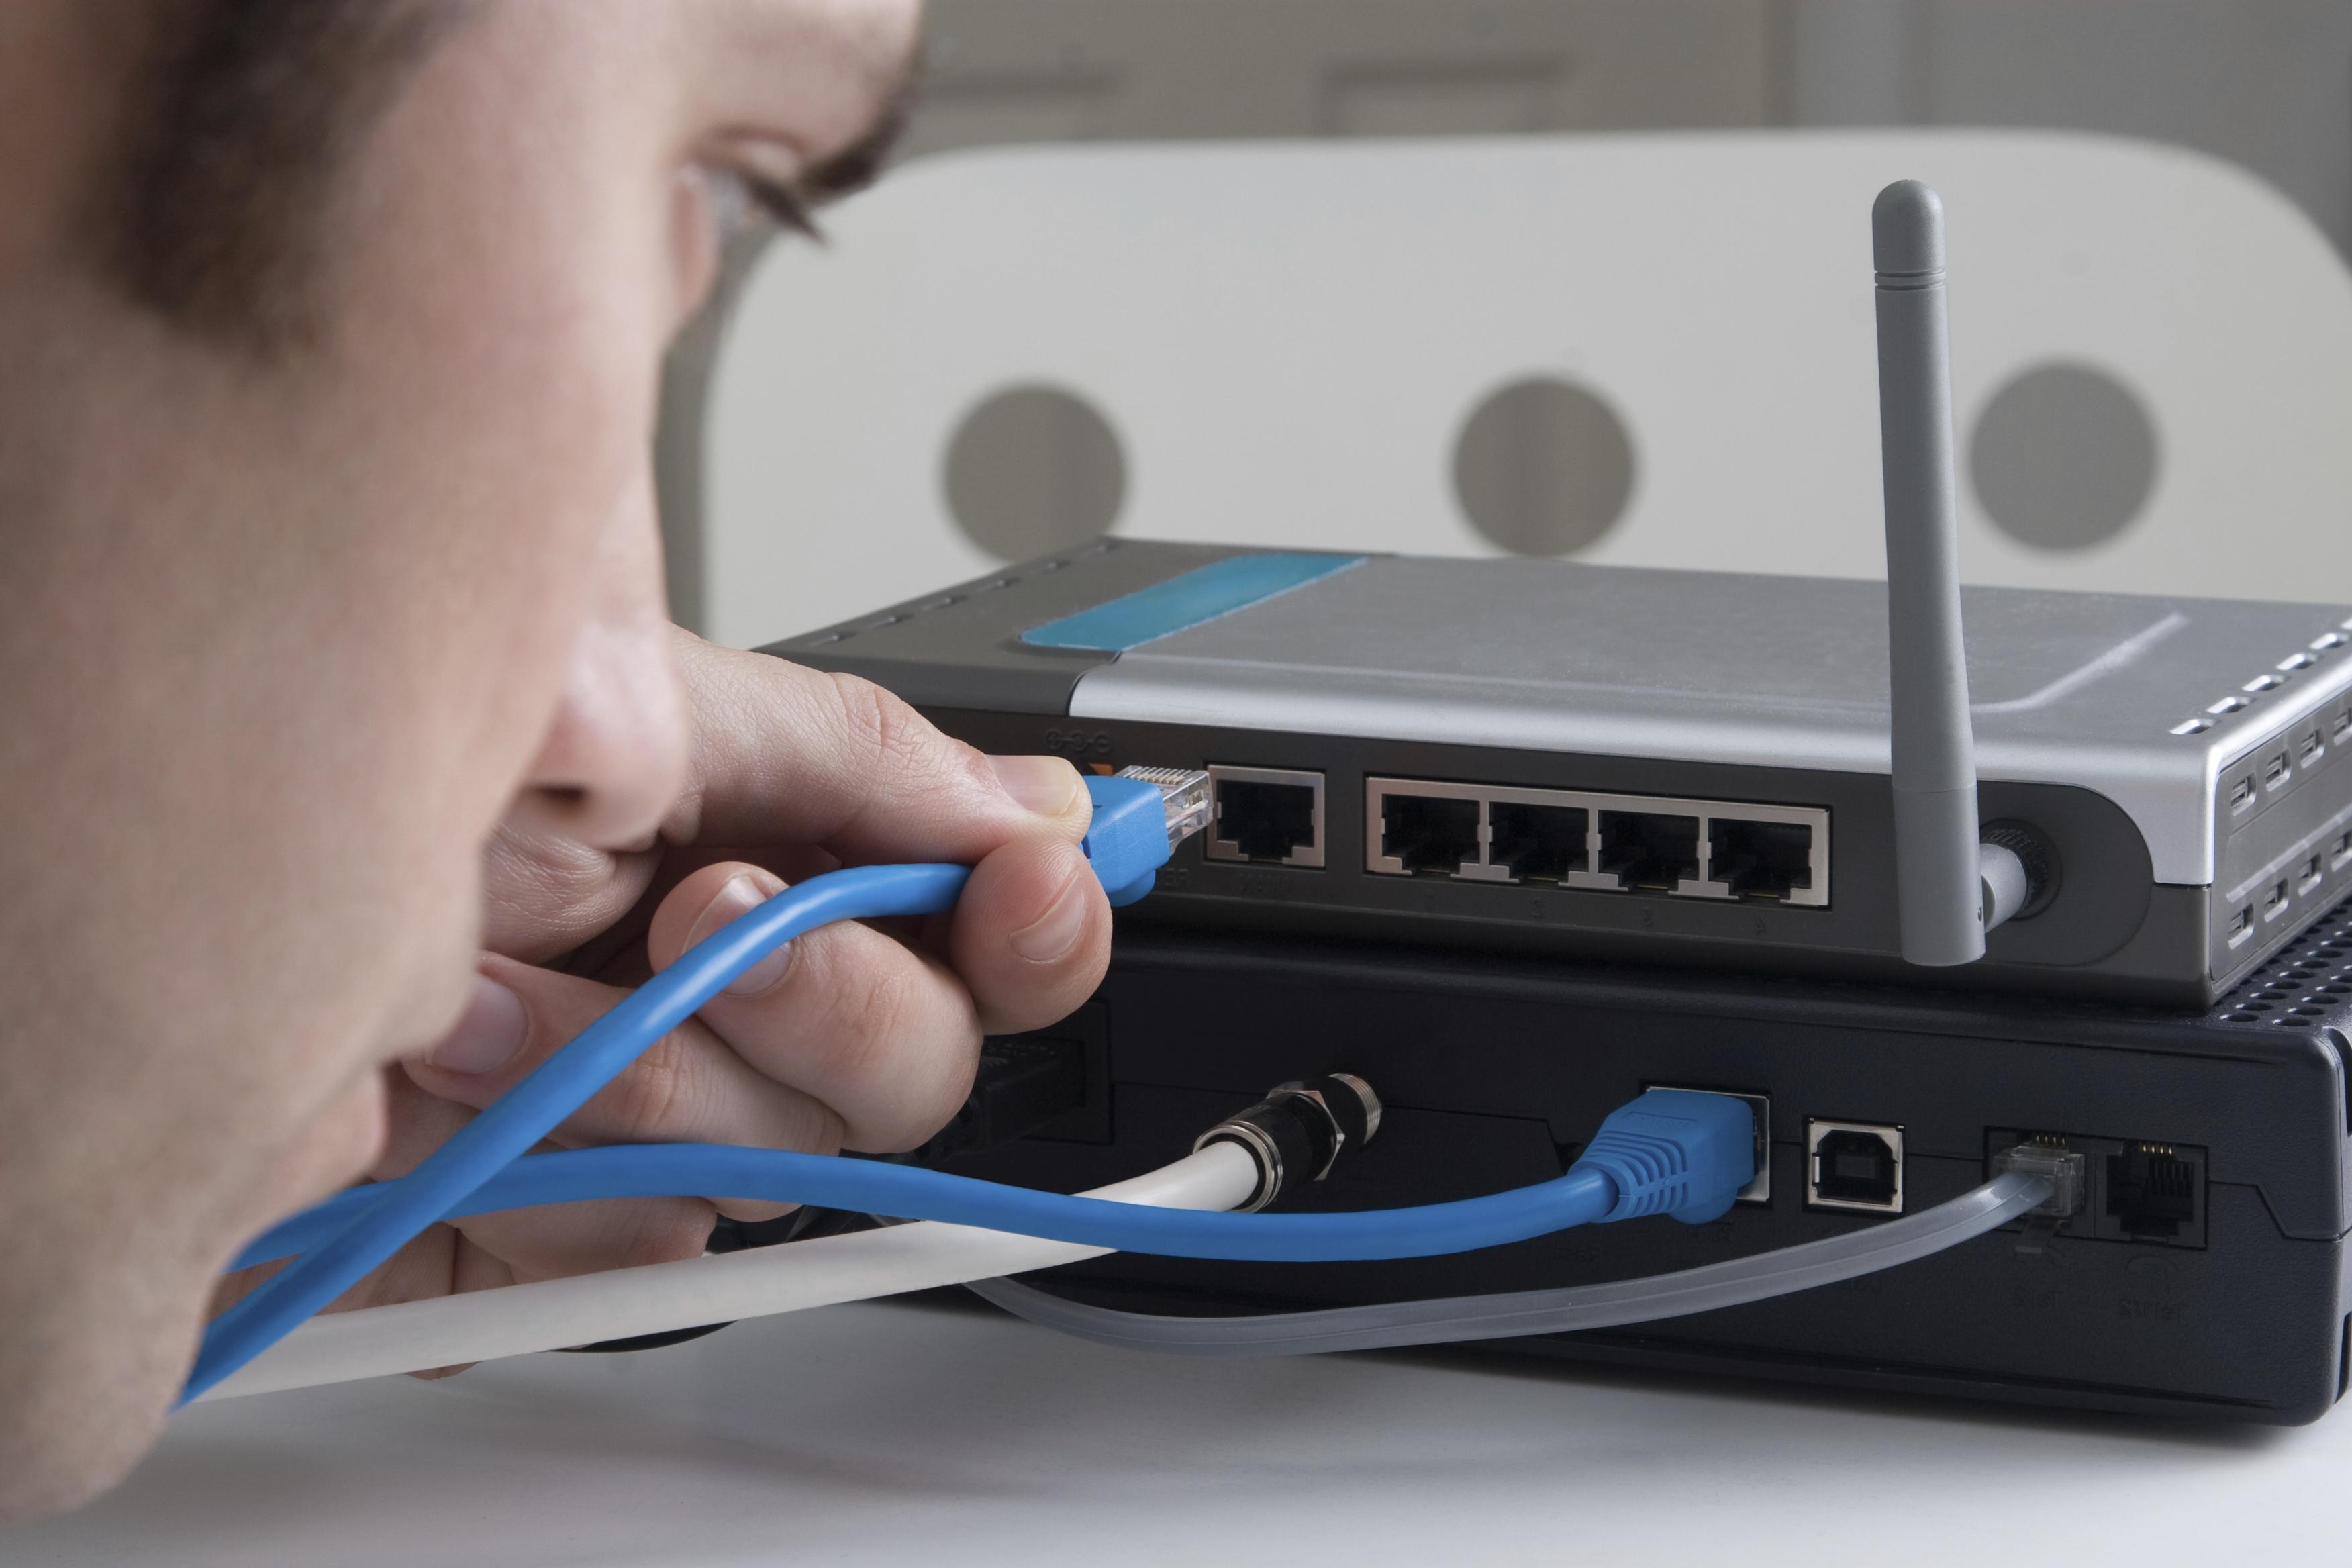 Оптимизация интернет соединения с помощью запасного браузера: как и зачем